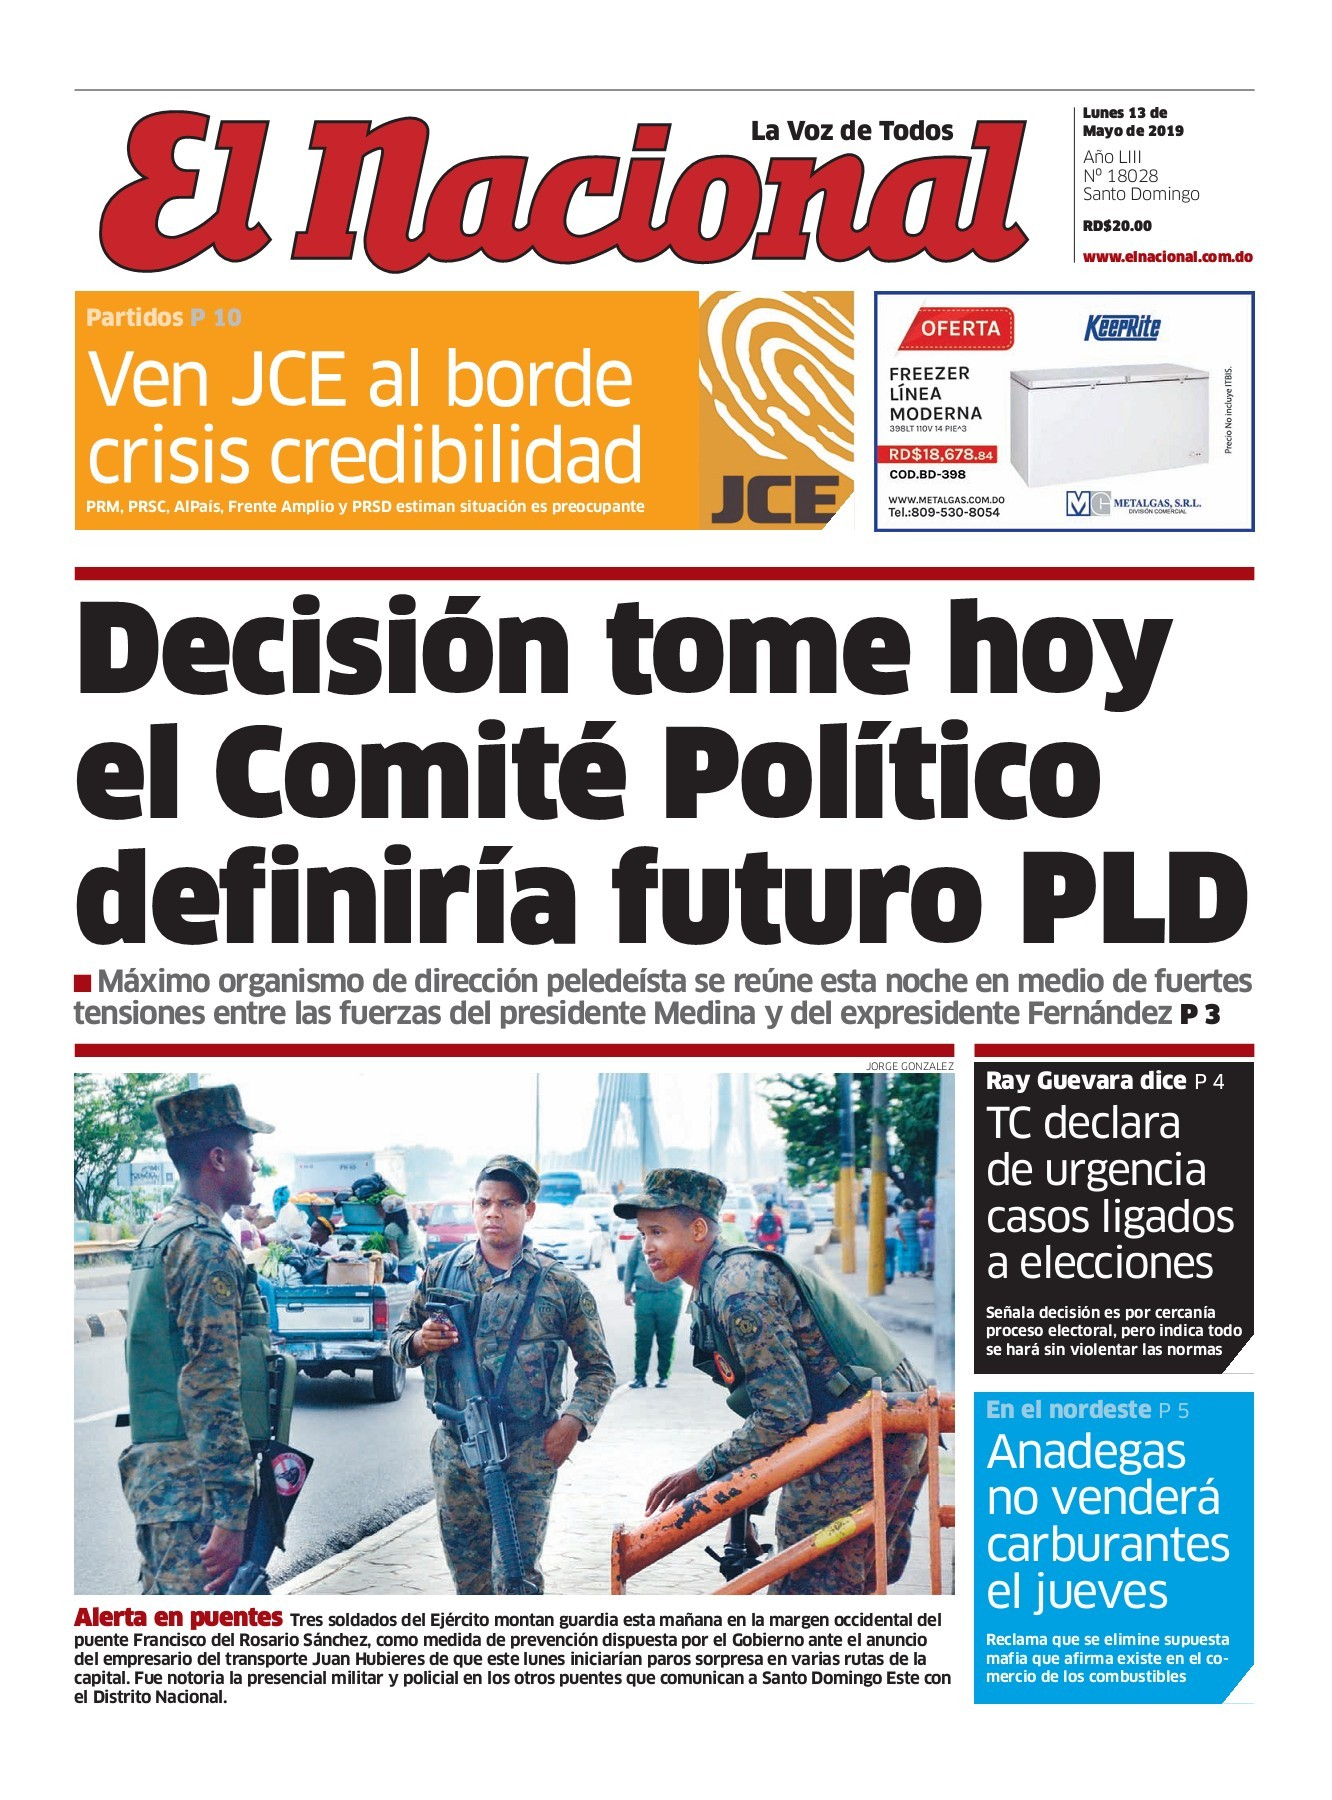 Portada Periódico El Nacional, Lunes 13 Mayo 2019